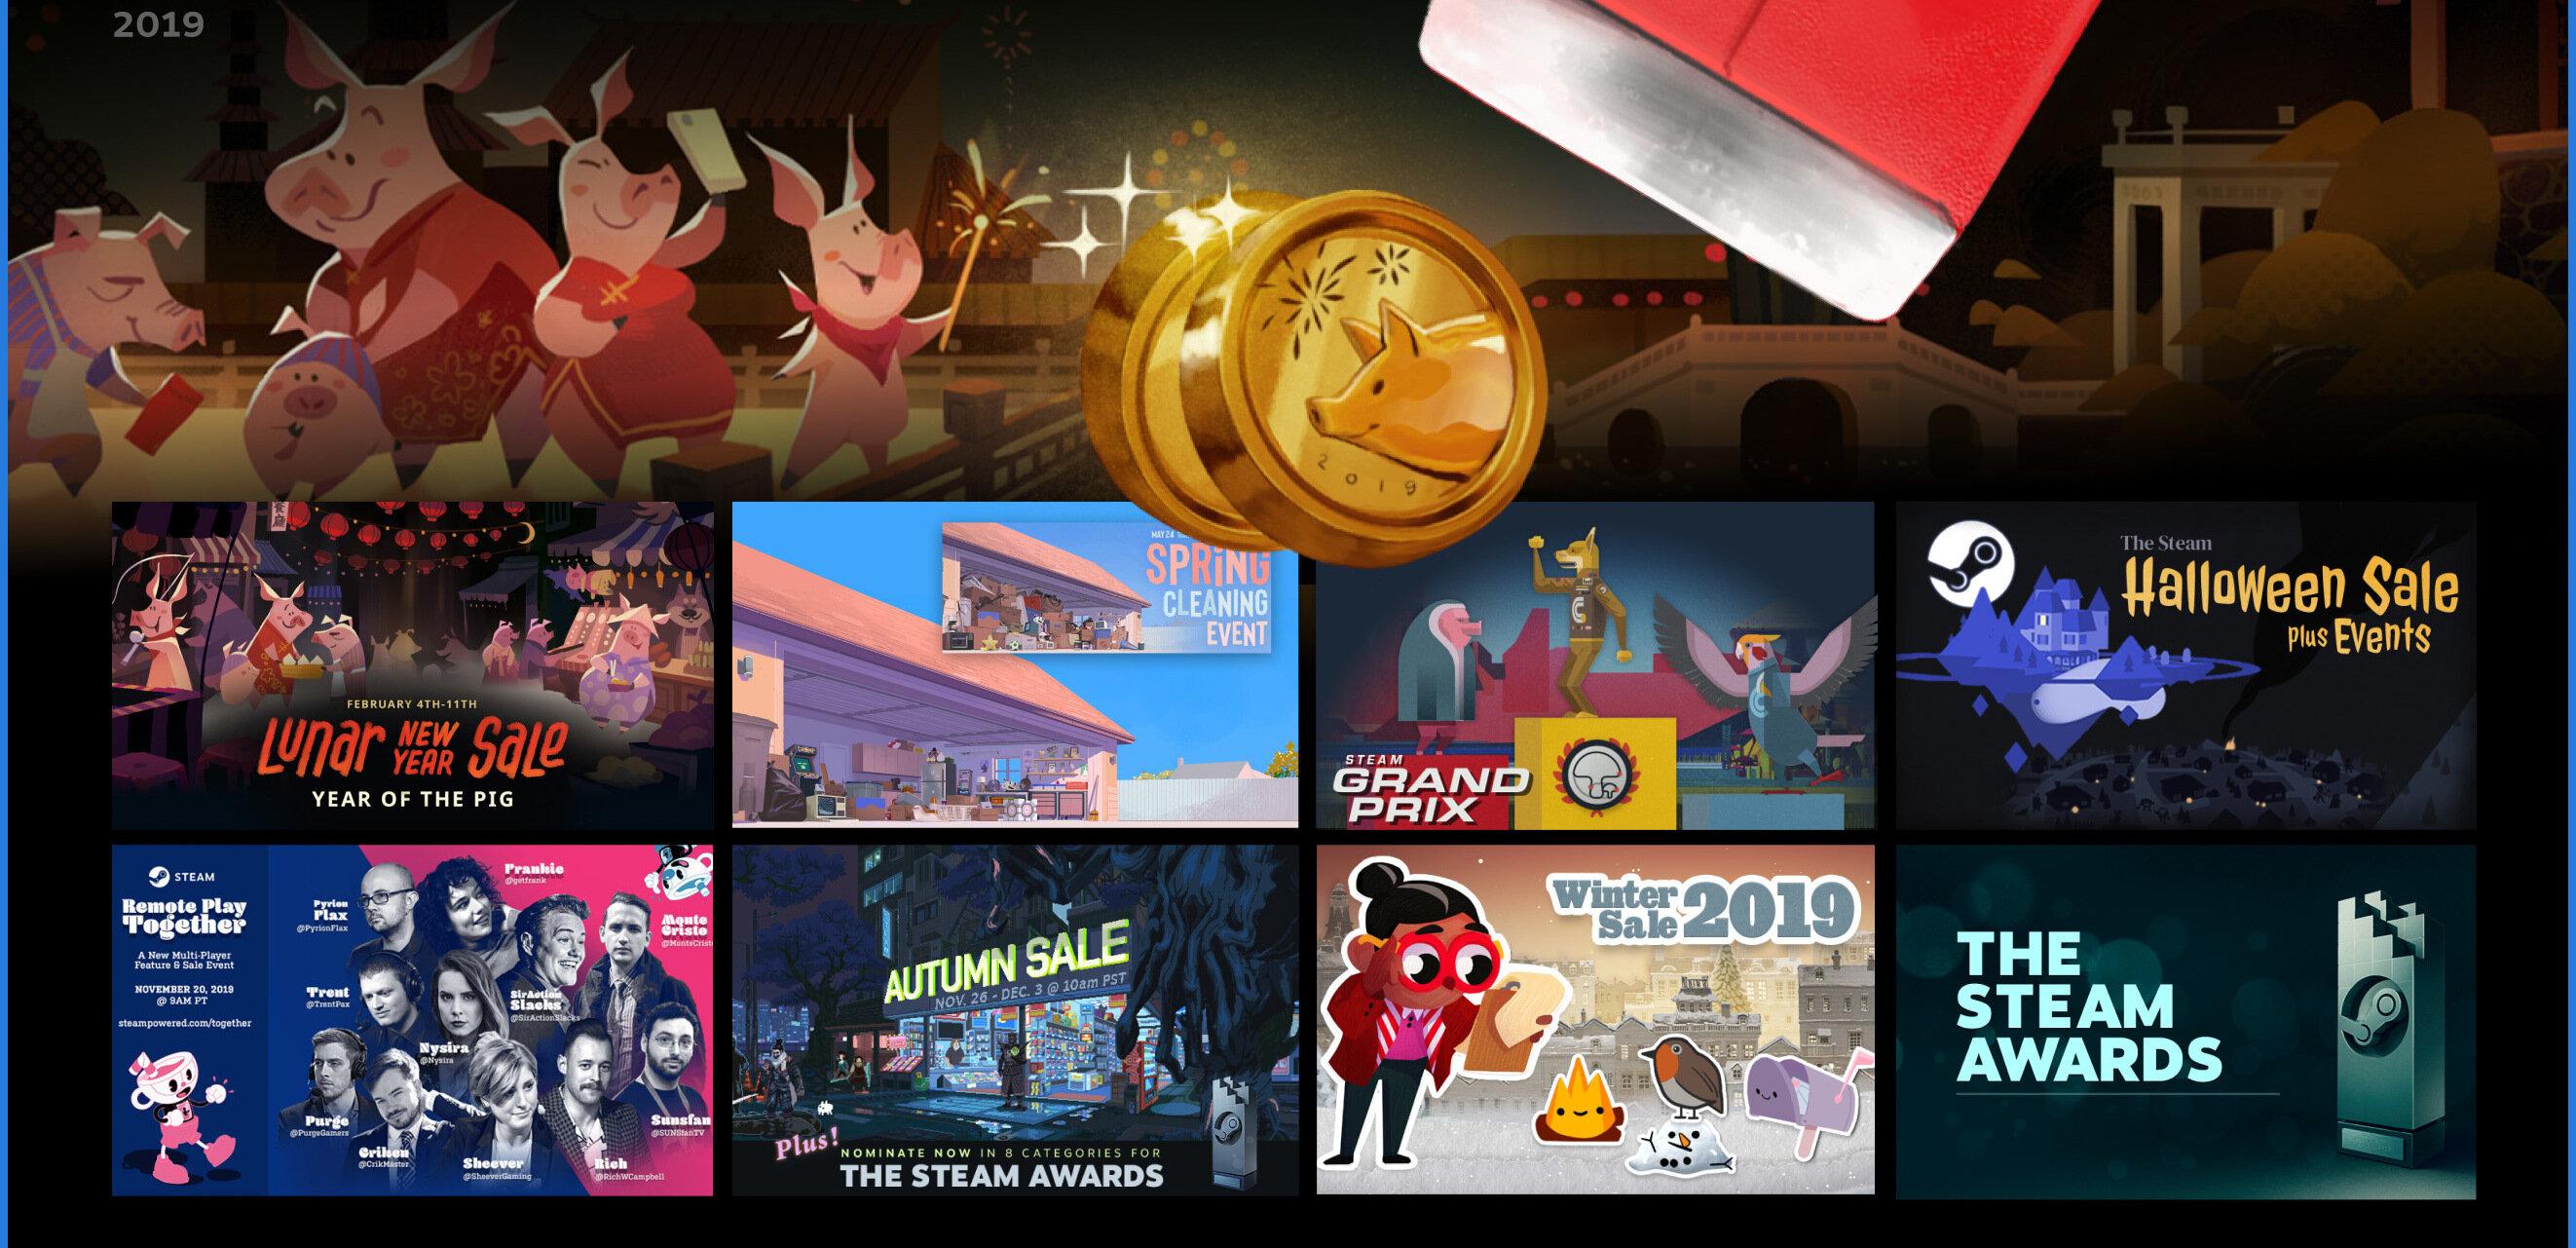 Steam fait le point sur son année 2019 et évoque ses projets de 2020